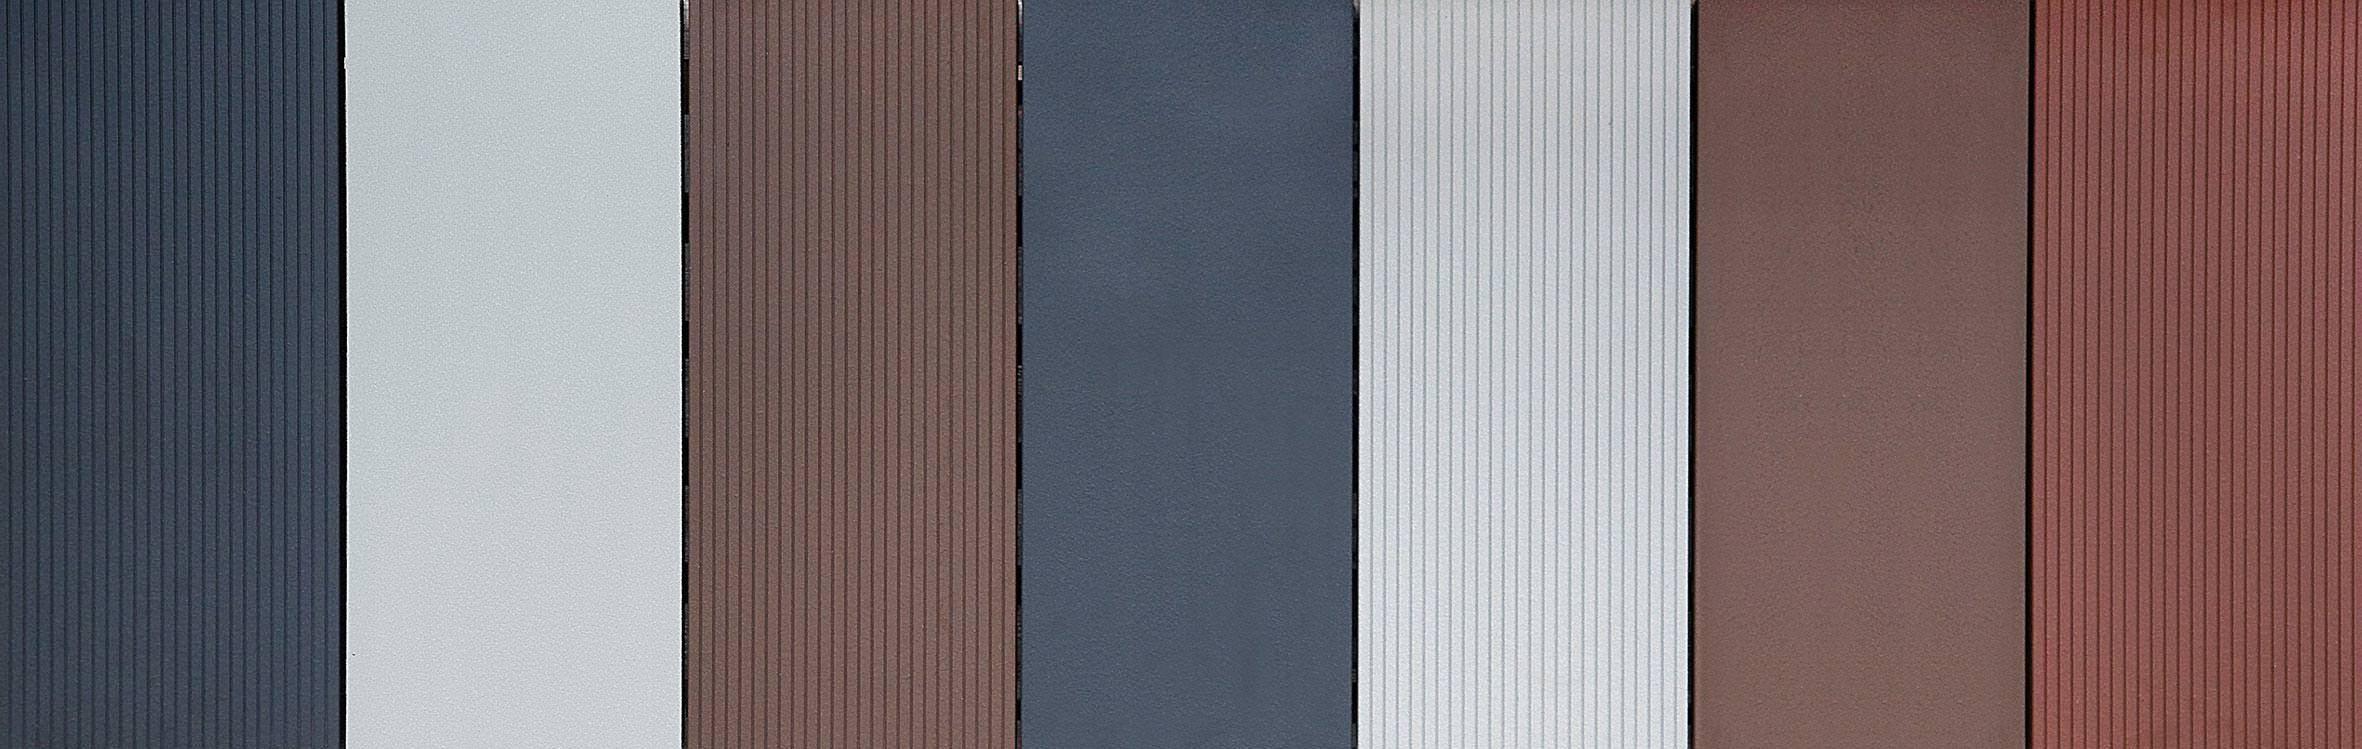 terrassenplatten kunststoff holzoptik swalif. Black Bedroom Furniture Sets. Home Design Ideas